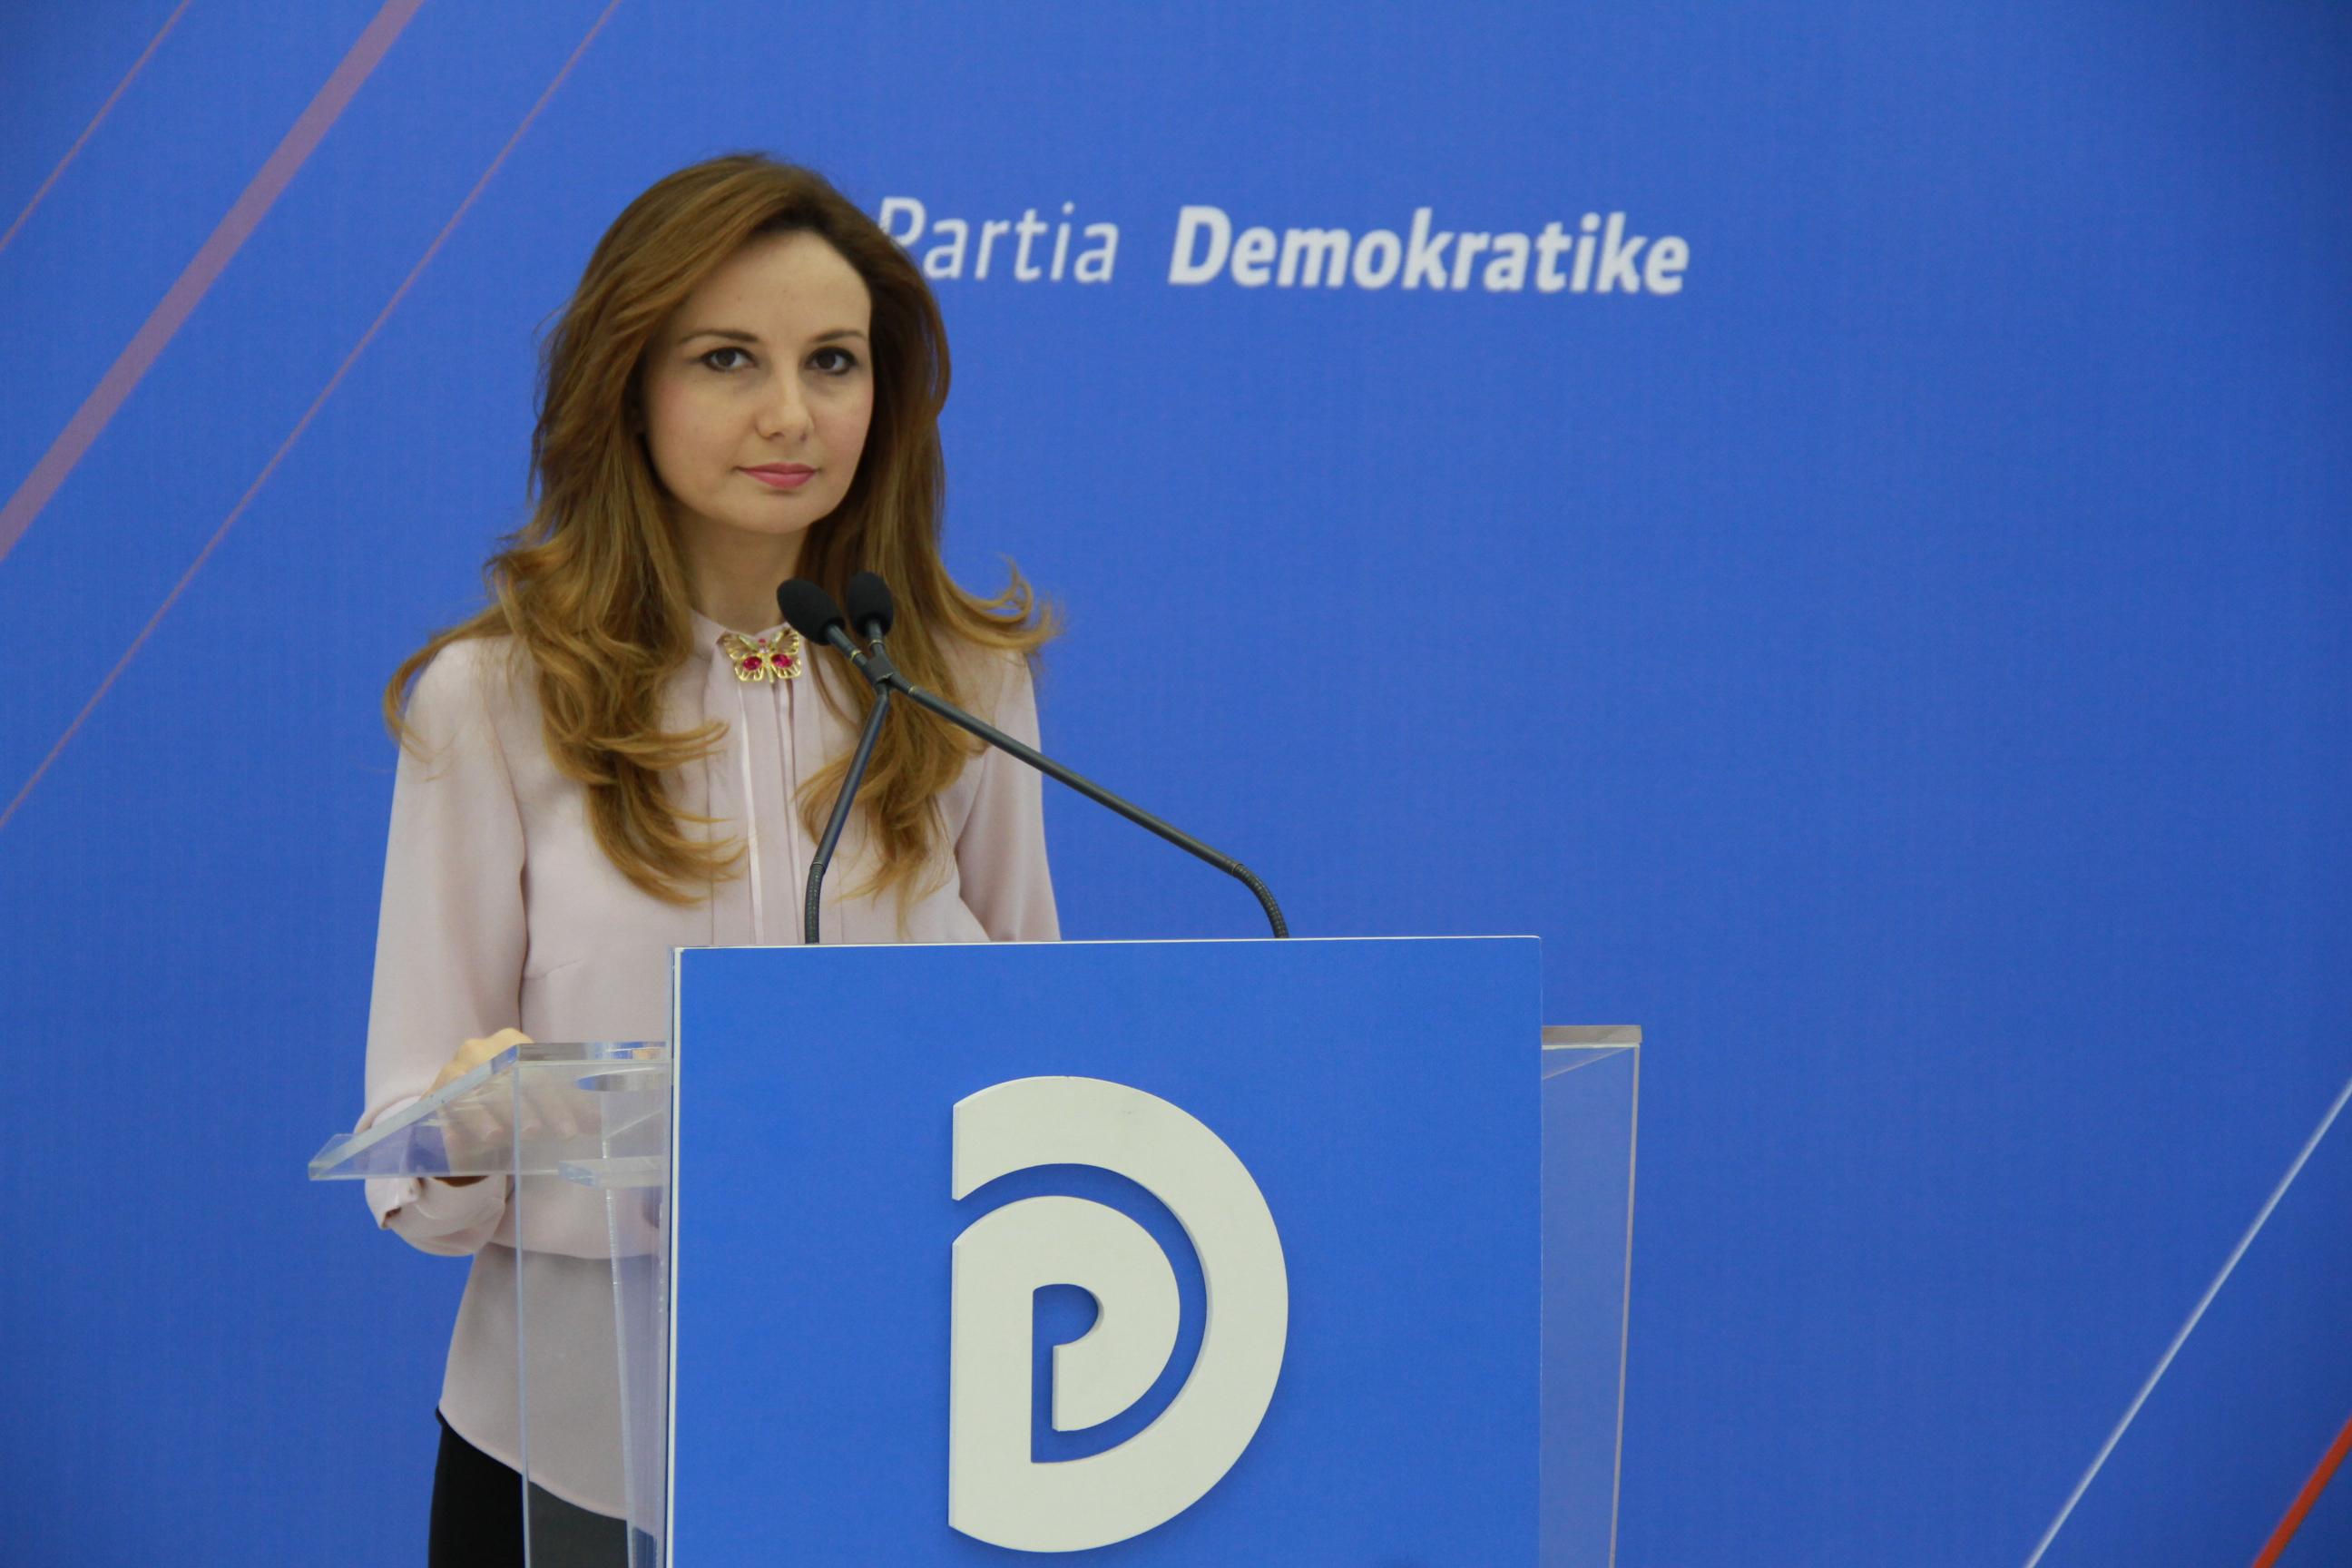 Deputetja e PD  Zgjedhja e Kryeprokurores  puç kushtetues dhe proces i falsifikuar